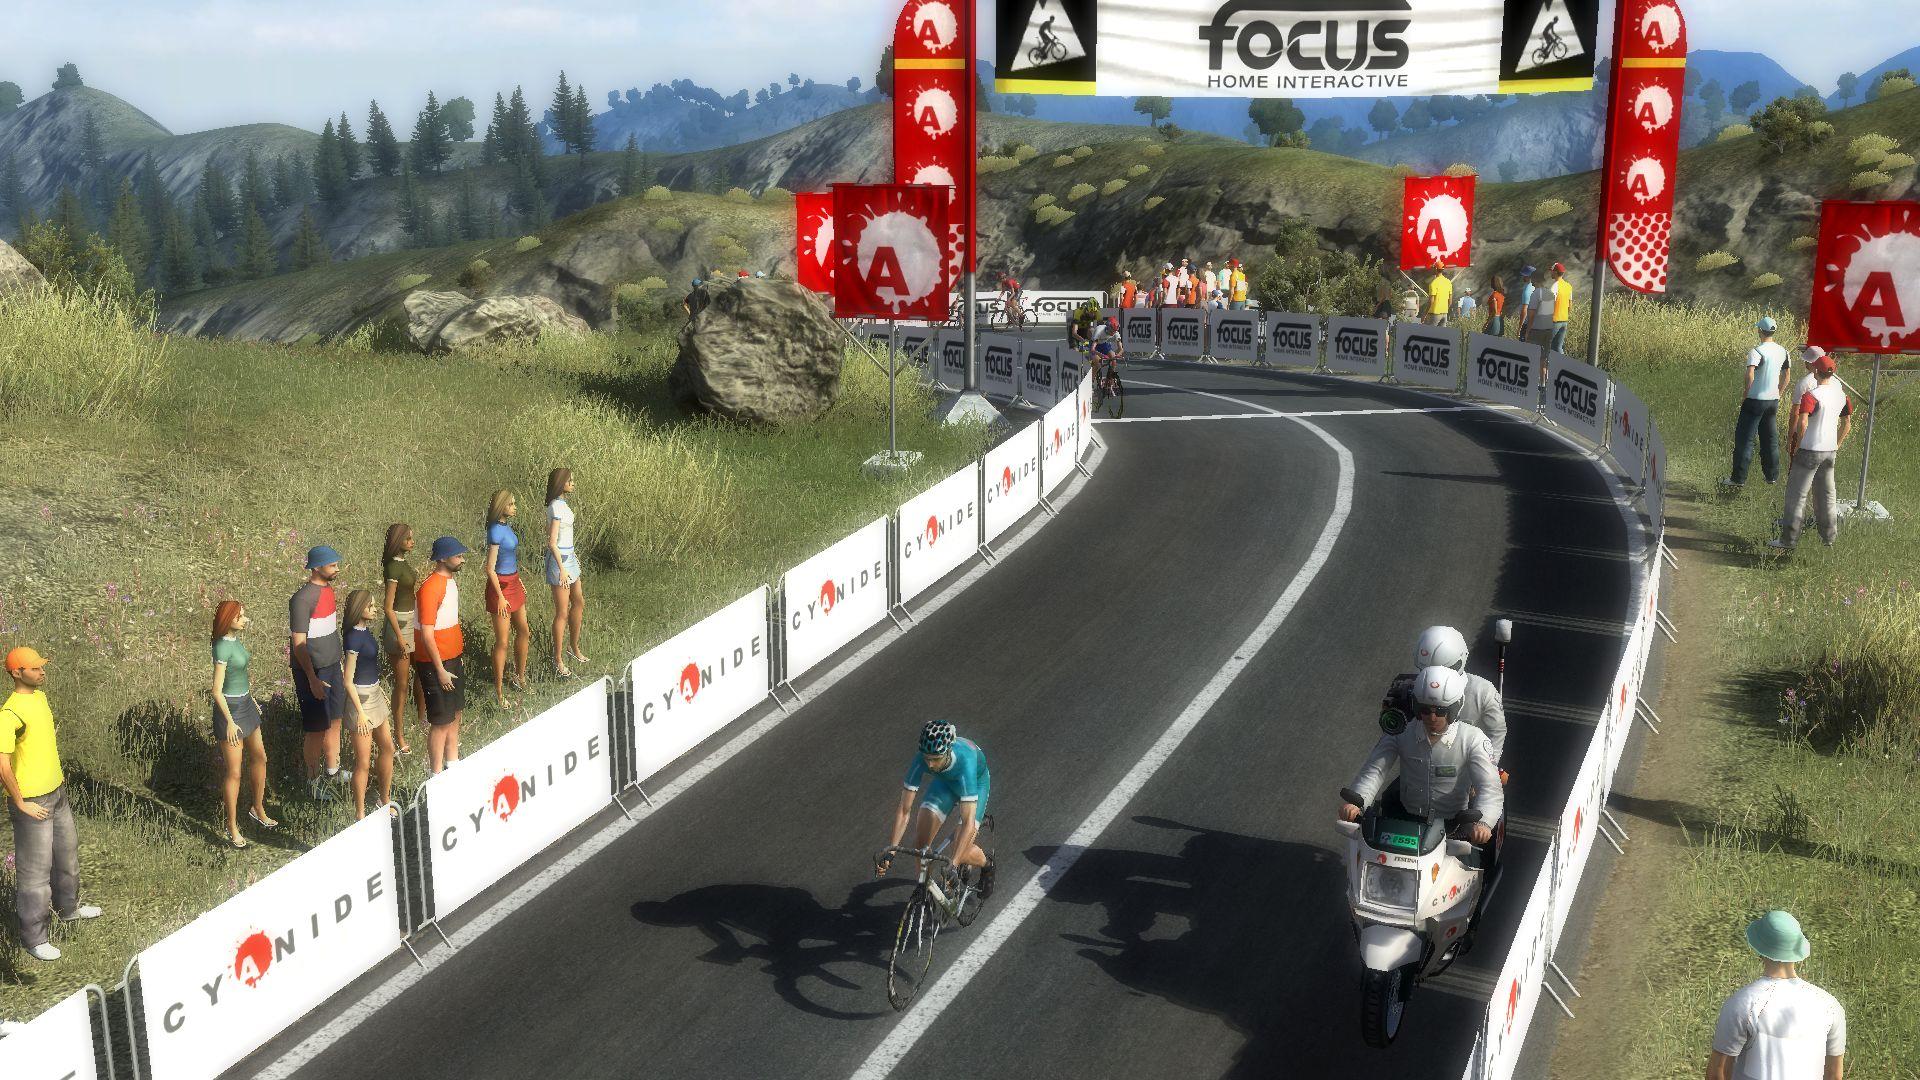 pcmdaily.com/images/mg/2020/Reports/C1/Andorra/TdAS5%2015.jpg